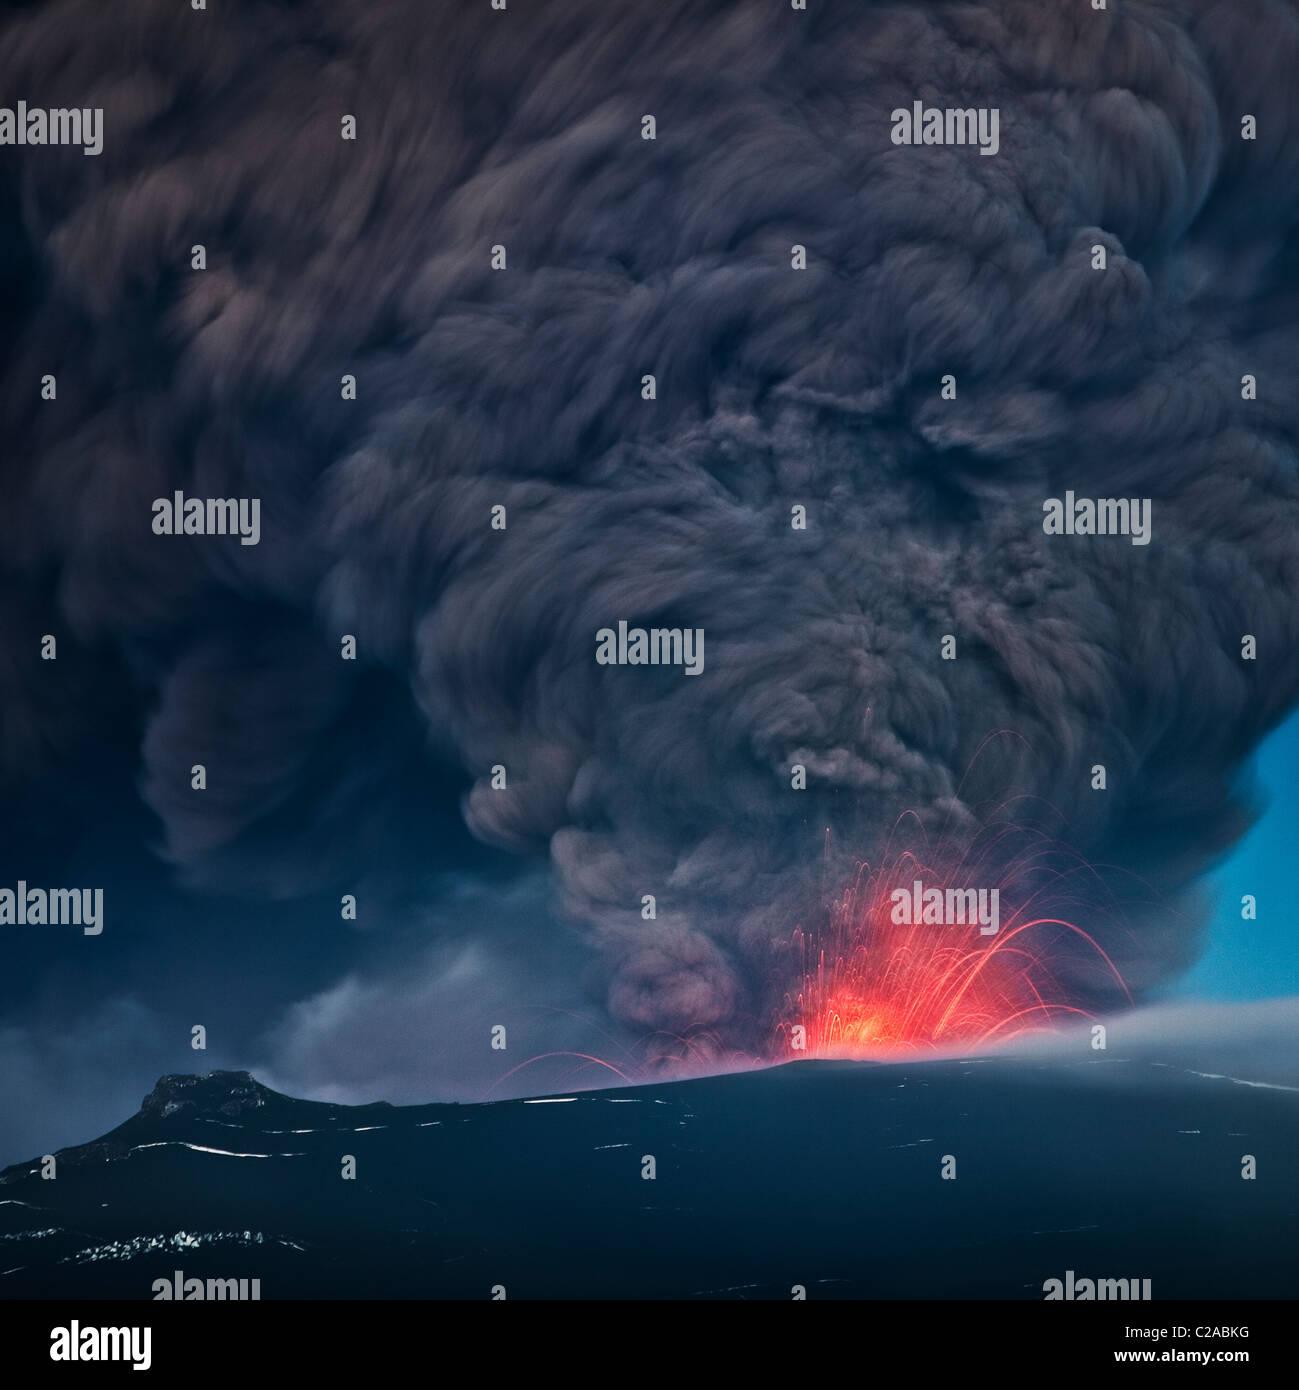 Panache de cendres de lave de Eyjafjallajokull éruption volcanique, avril 2010, l'Islande Photo Stock